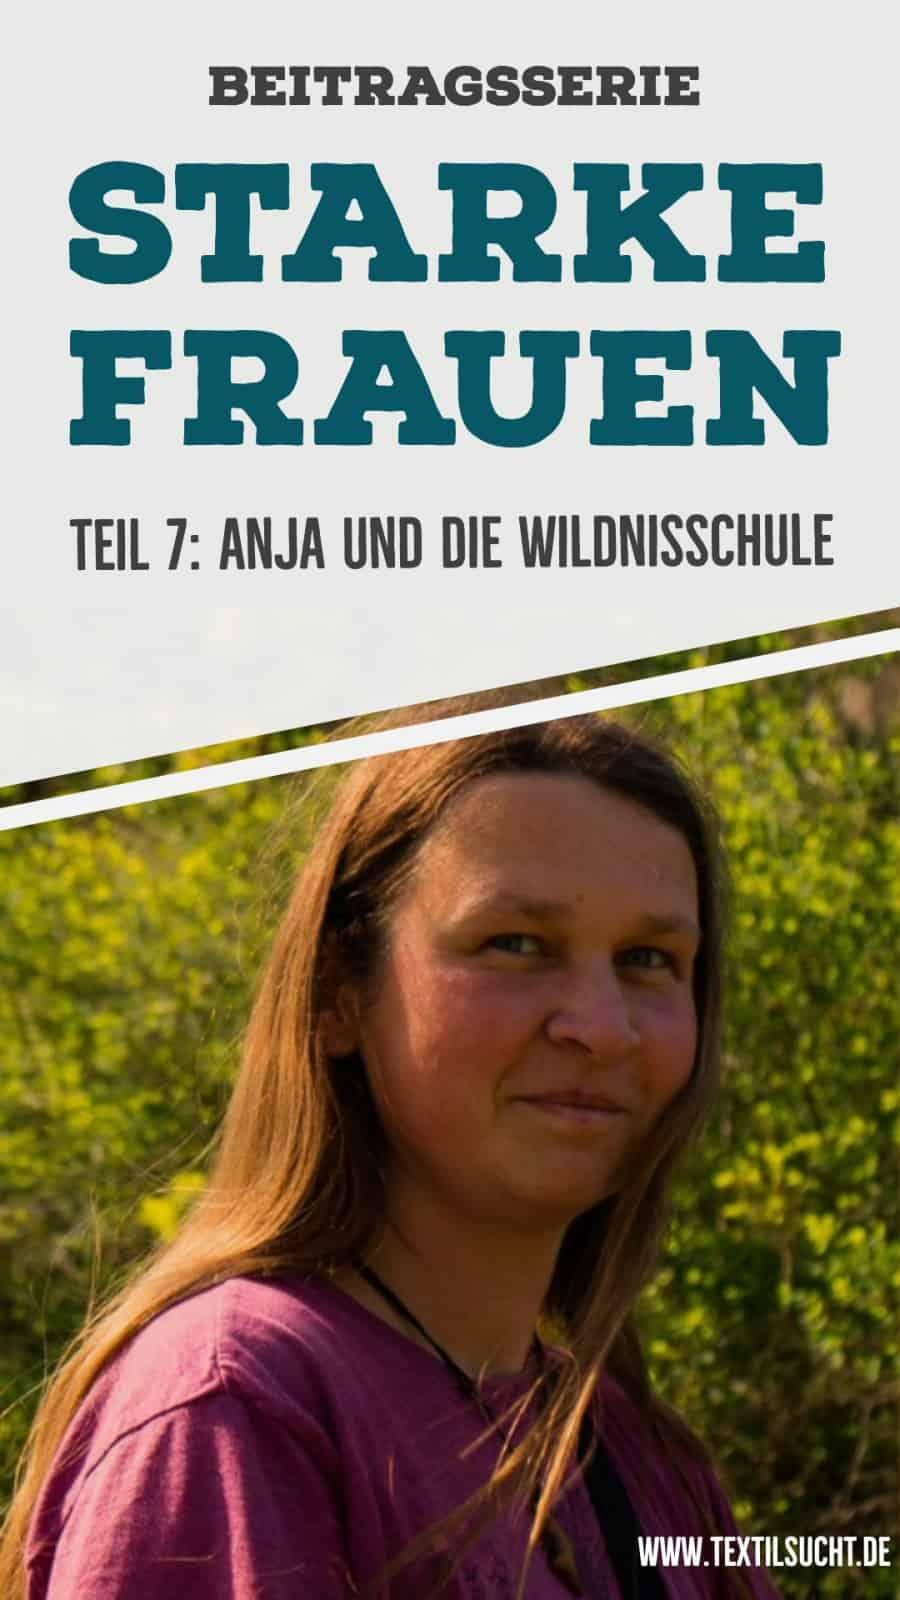 Anja Wildnisschule